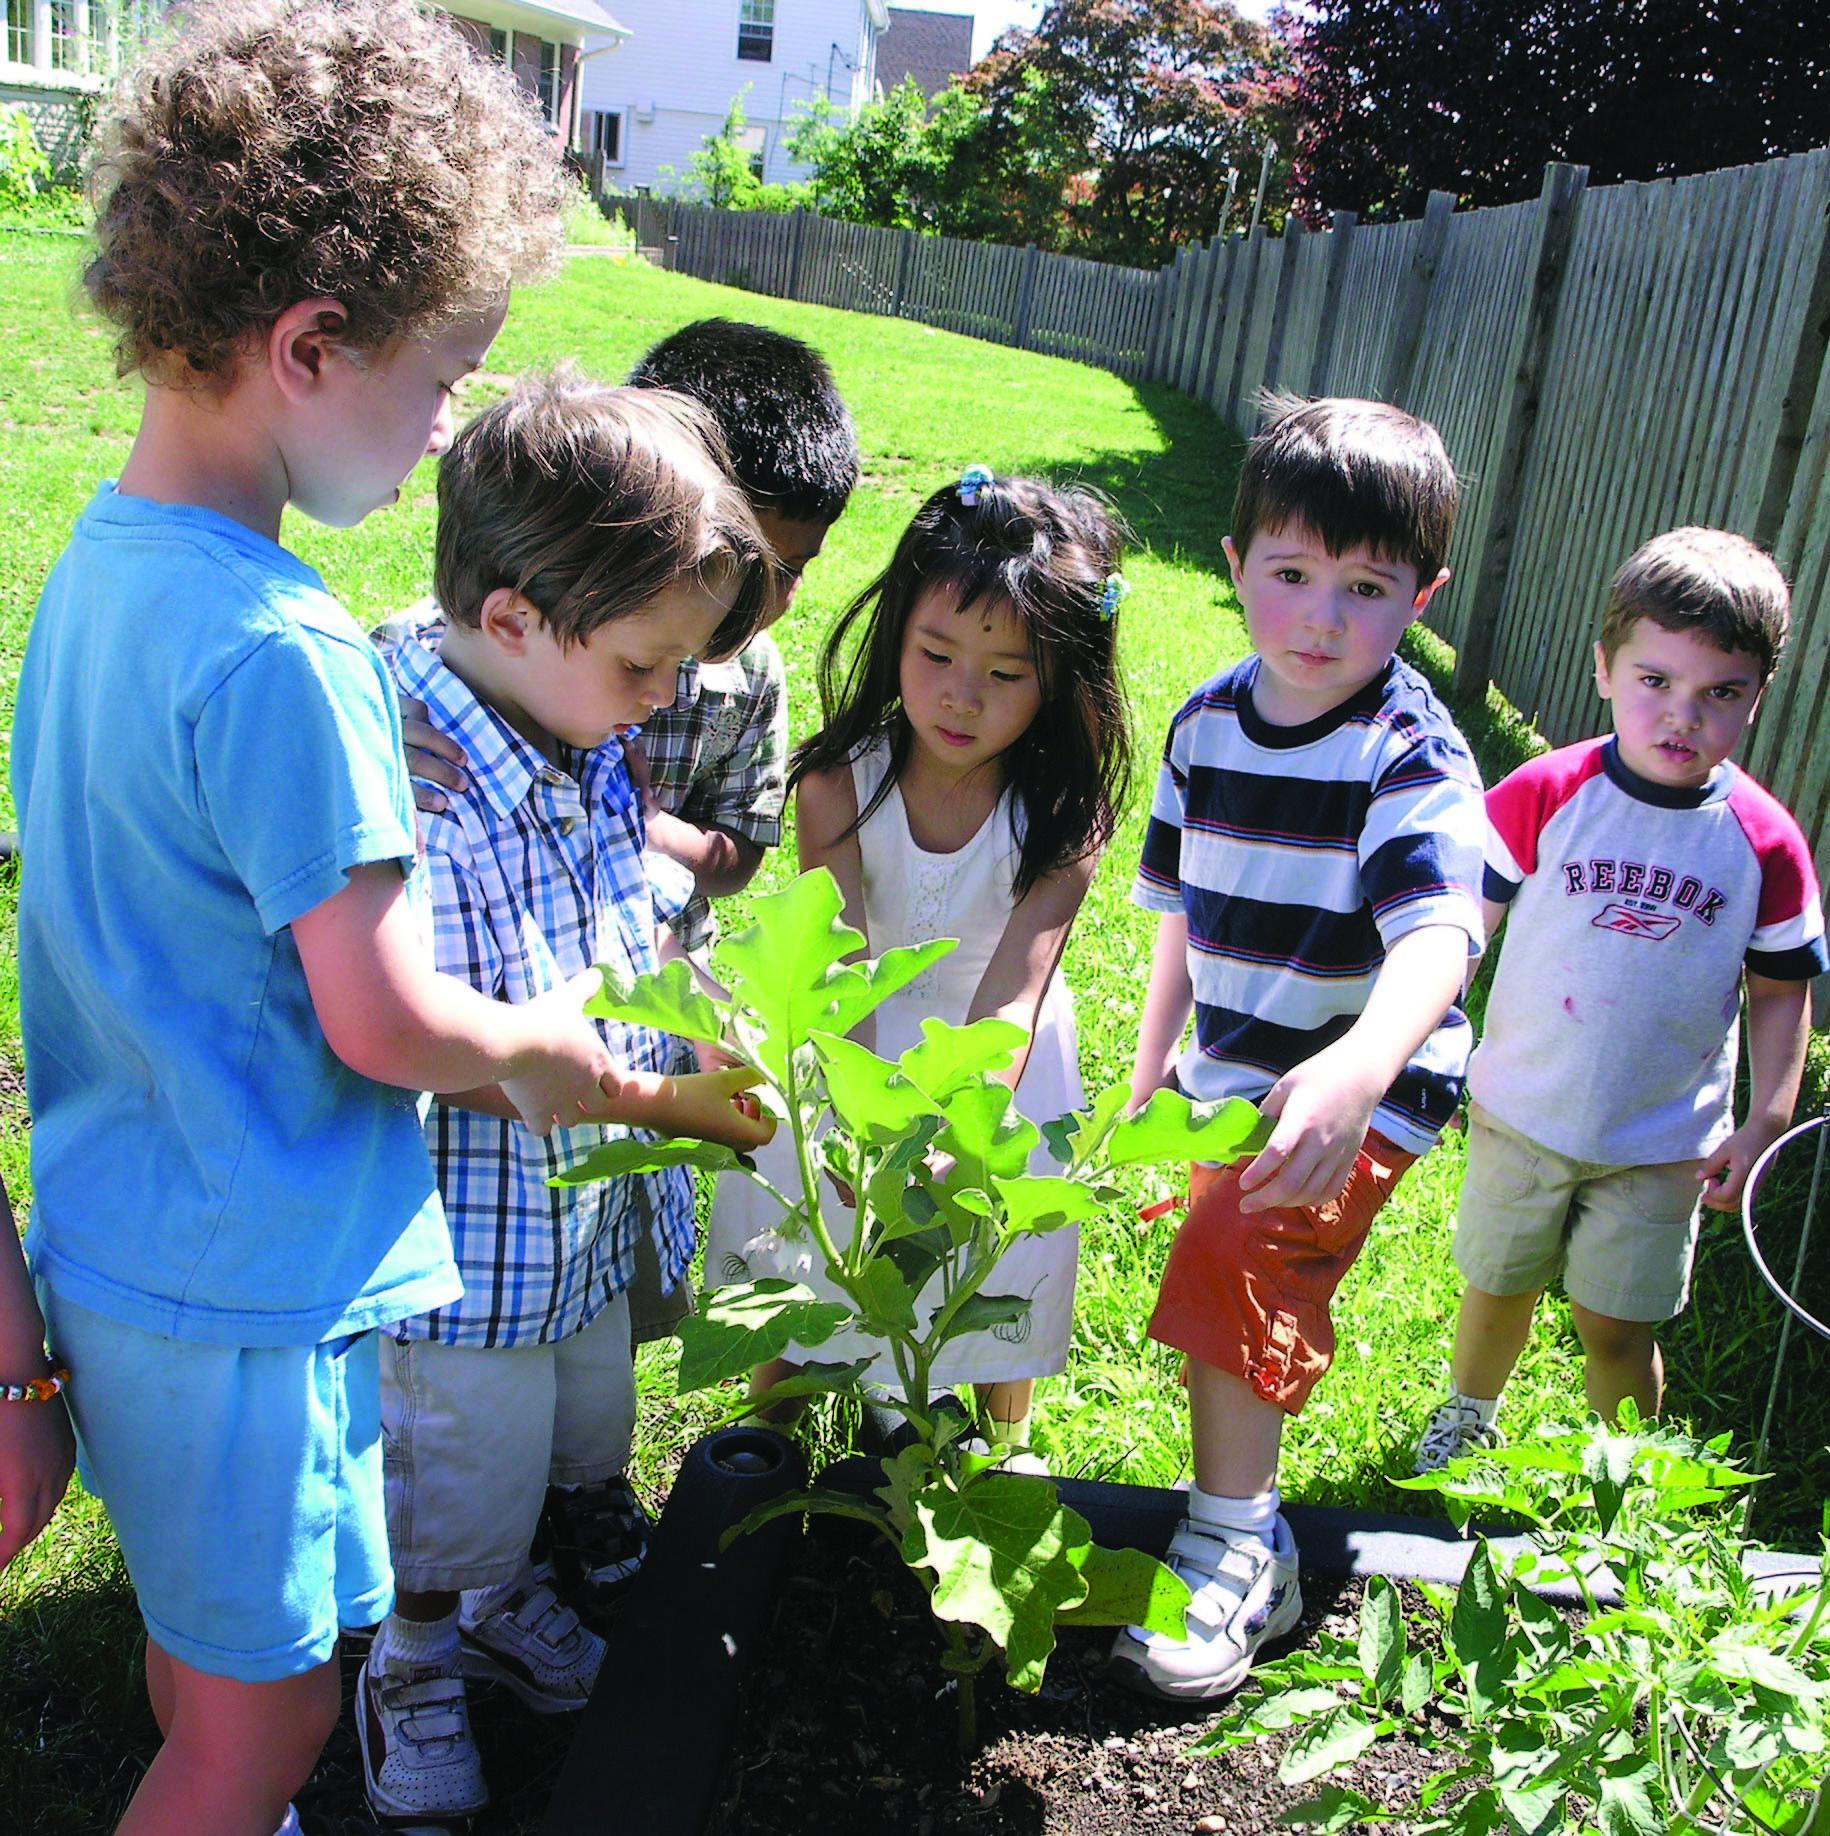 27be8902eac773d974d0_learning_circle_preschool_garden_2.jpg